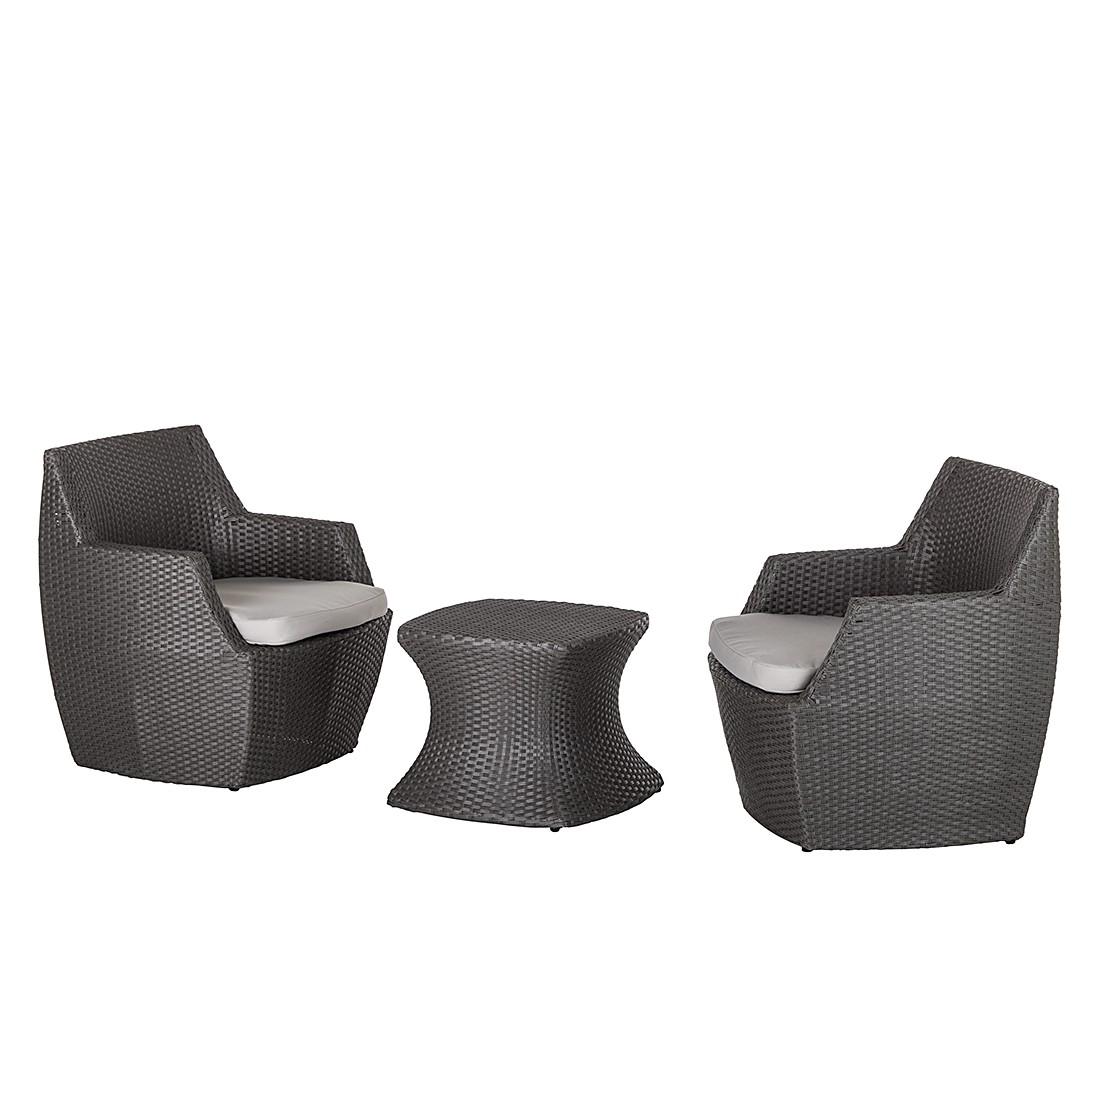 Home 24 - Ensemble de fauteuils paradise lounge (3 éléments) - usage en extérieur - gris, fredriks